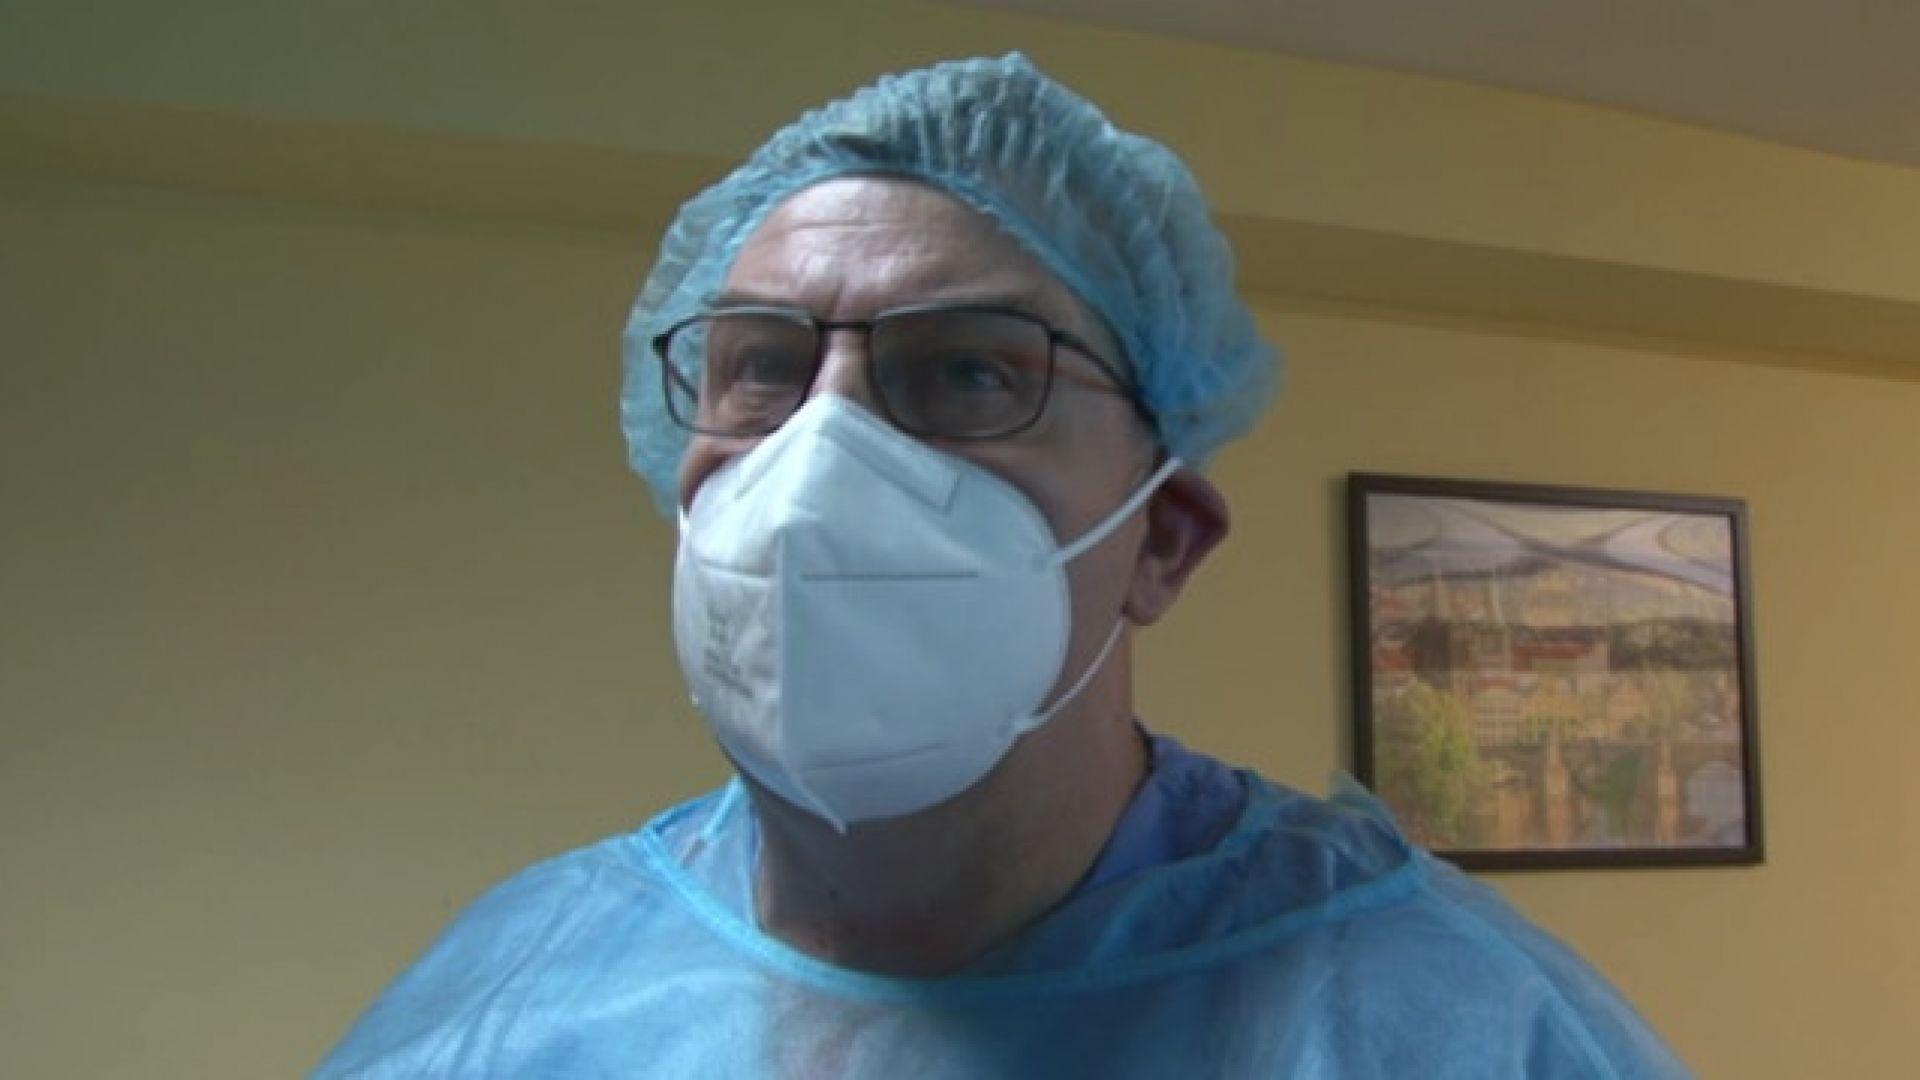 Млад пациент с COVID-19 оцеля след 10 дни между живота и смъртта